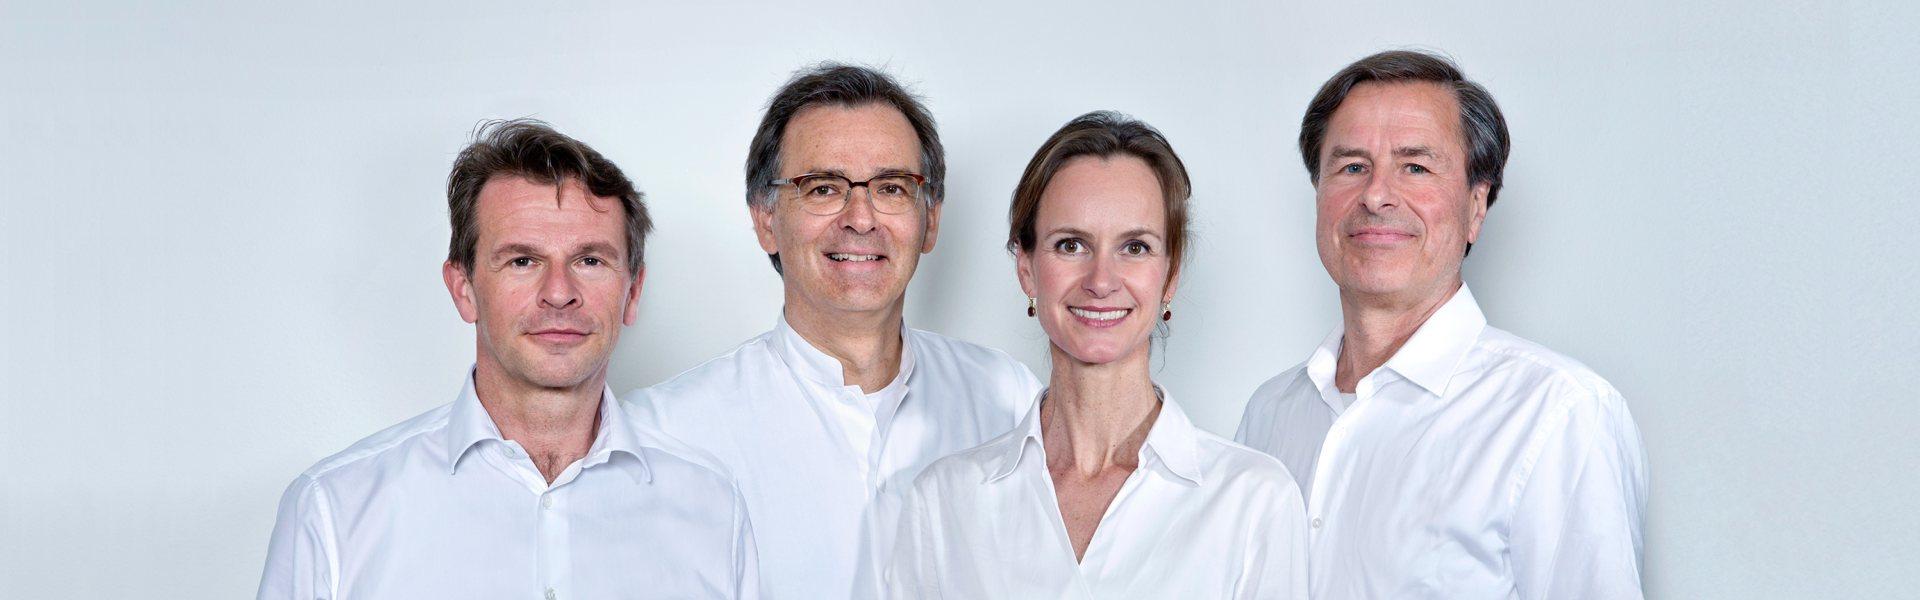 Neurologische Praxis - Team